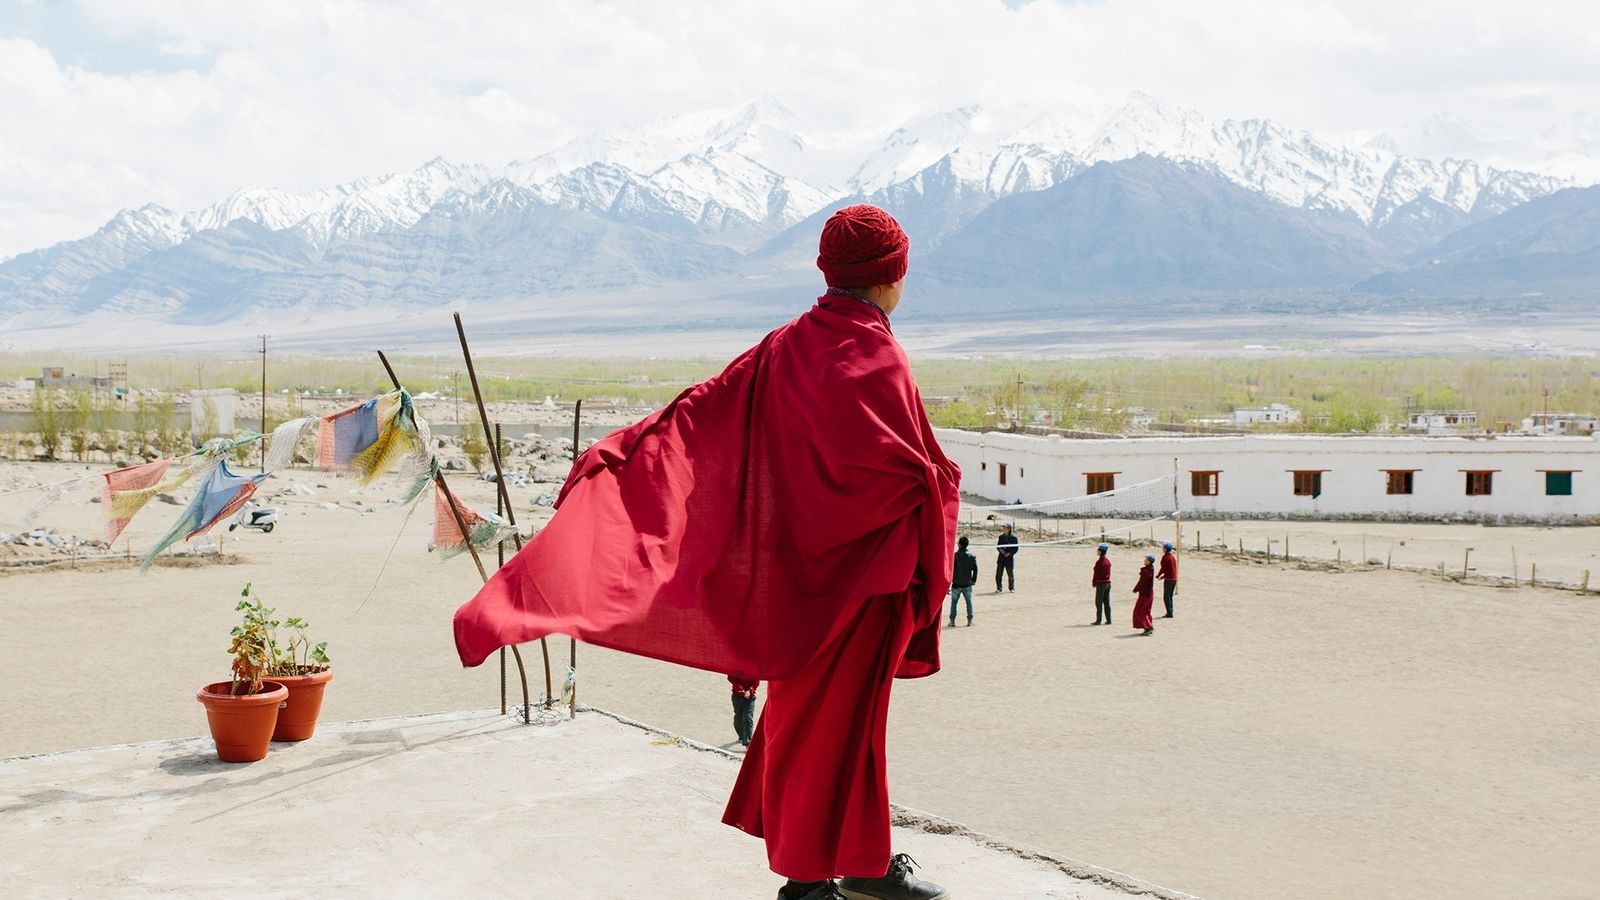 À Leh, plus grande ville de la région du Ladakh, des drapeaux de prière accueillent les ...